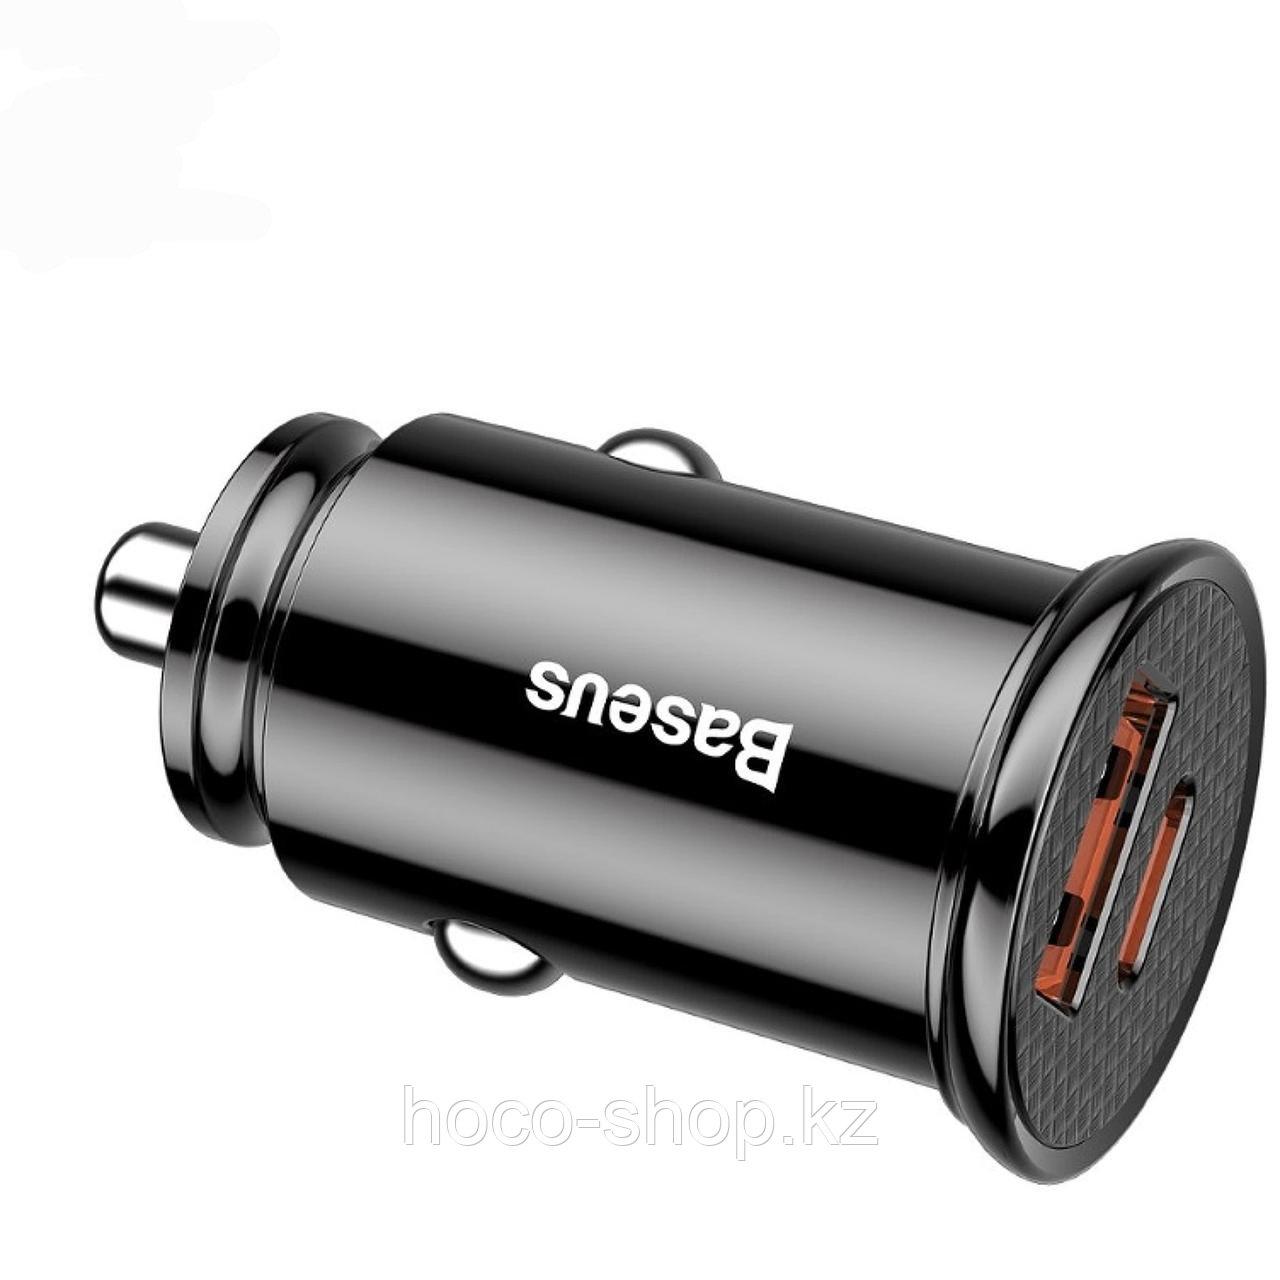 Автомобильное зарядное устройство CCALL-YS01 Baseus